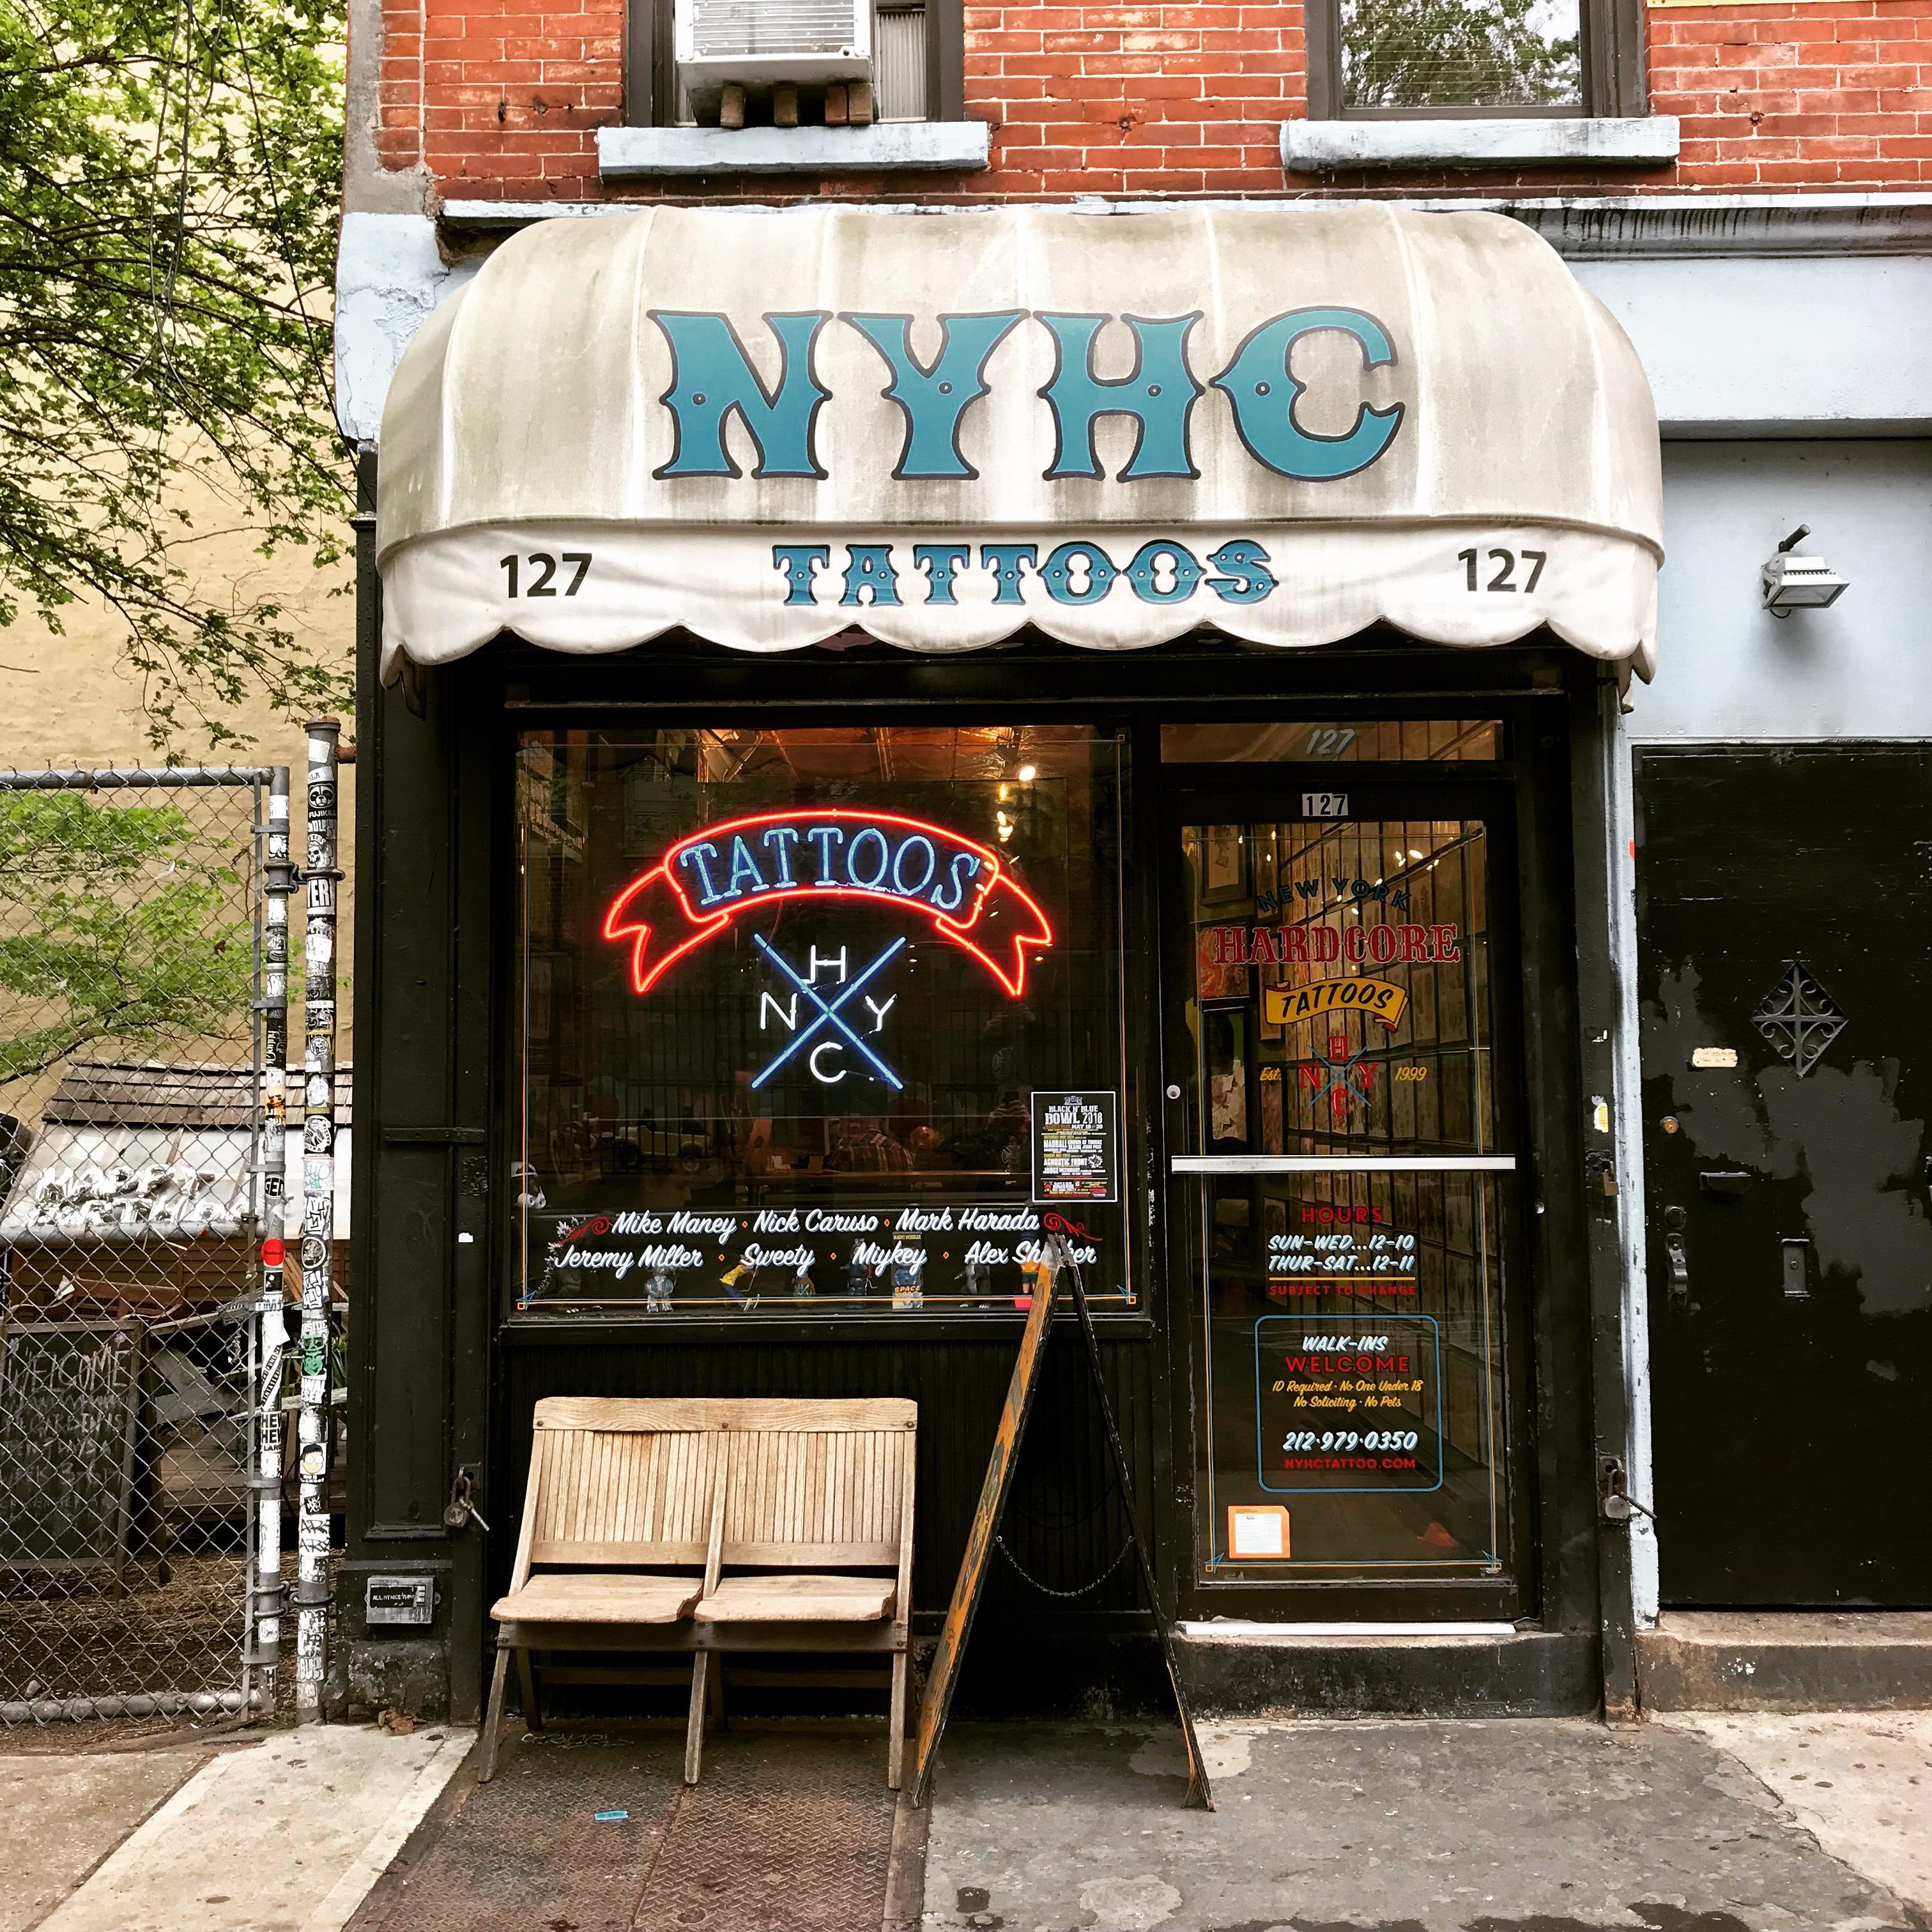 New York Day 9 The New York City Honeymoon Tattoo Miss